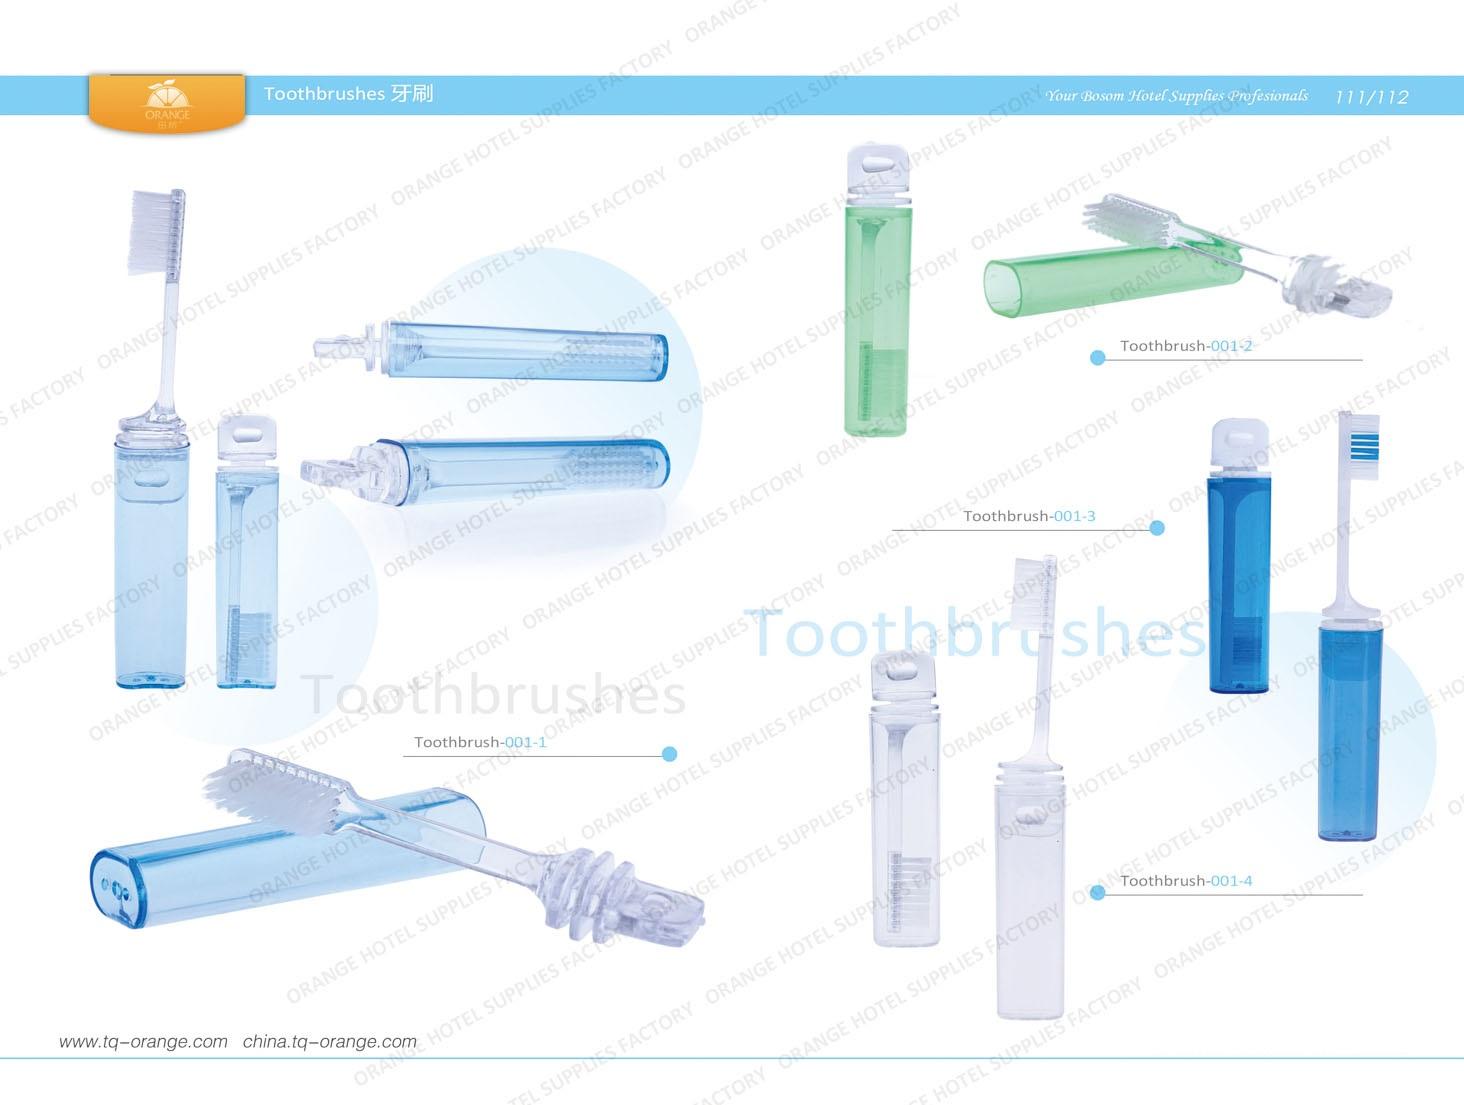 Toothbrush 001